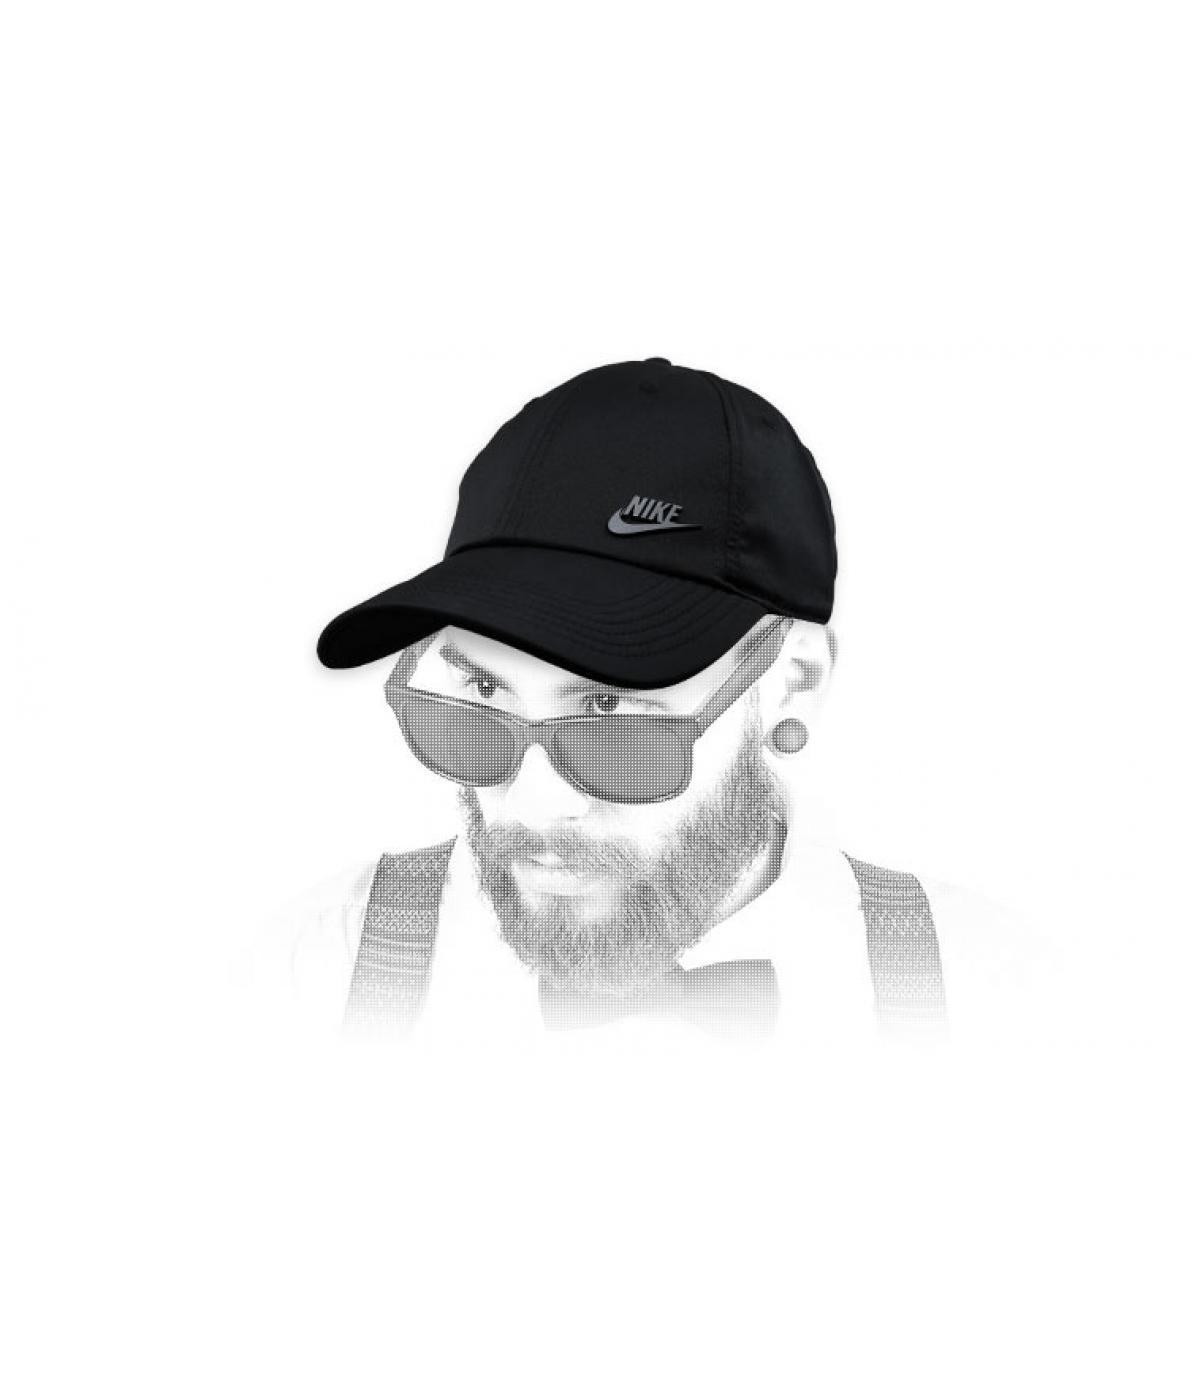 gorra Nike negro logo